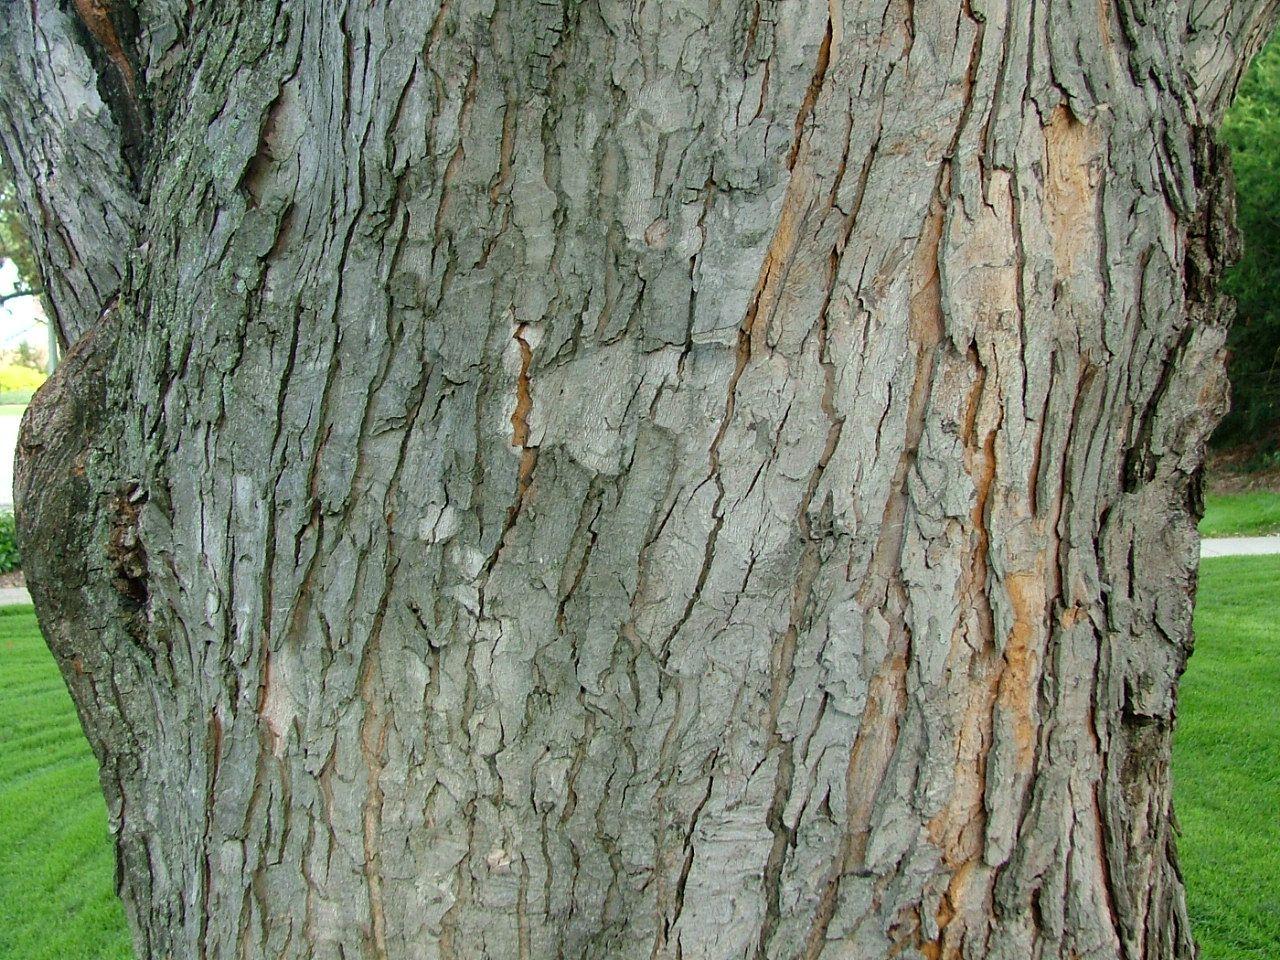 Silver_Maple_Bark.jpg 1,280×960 pixels   Trees   Pinterest